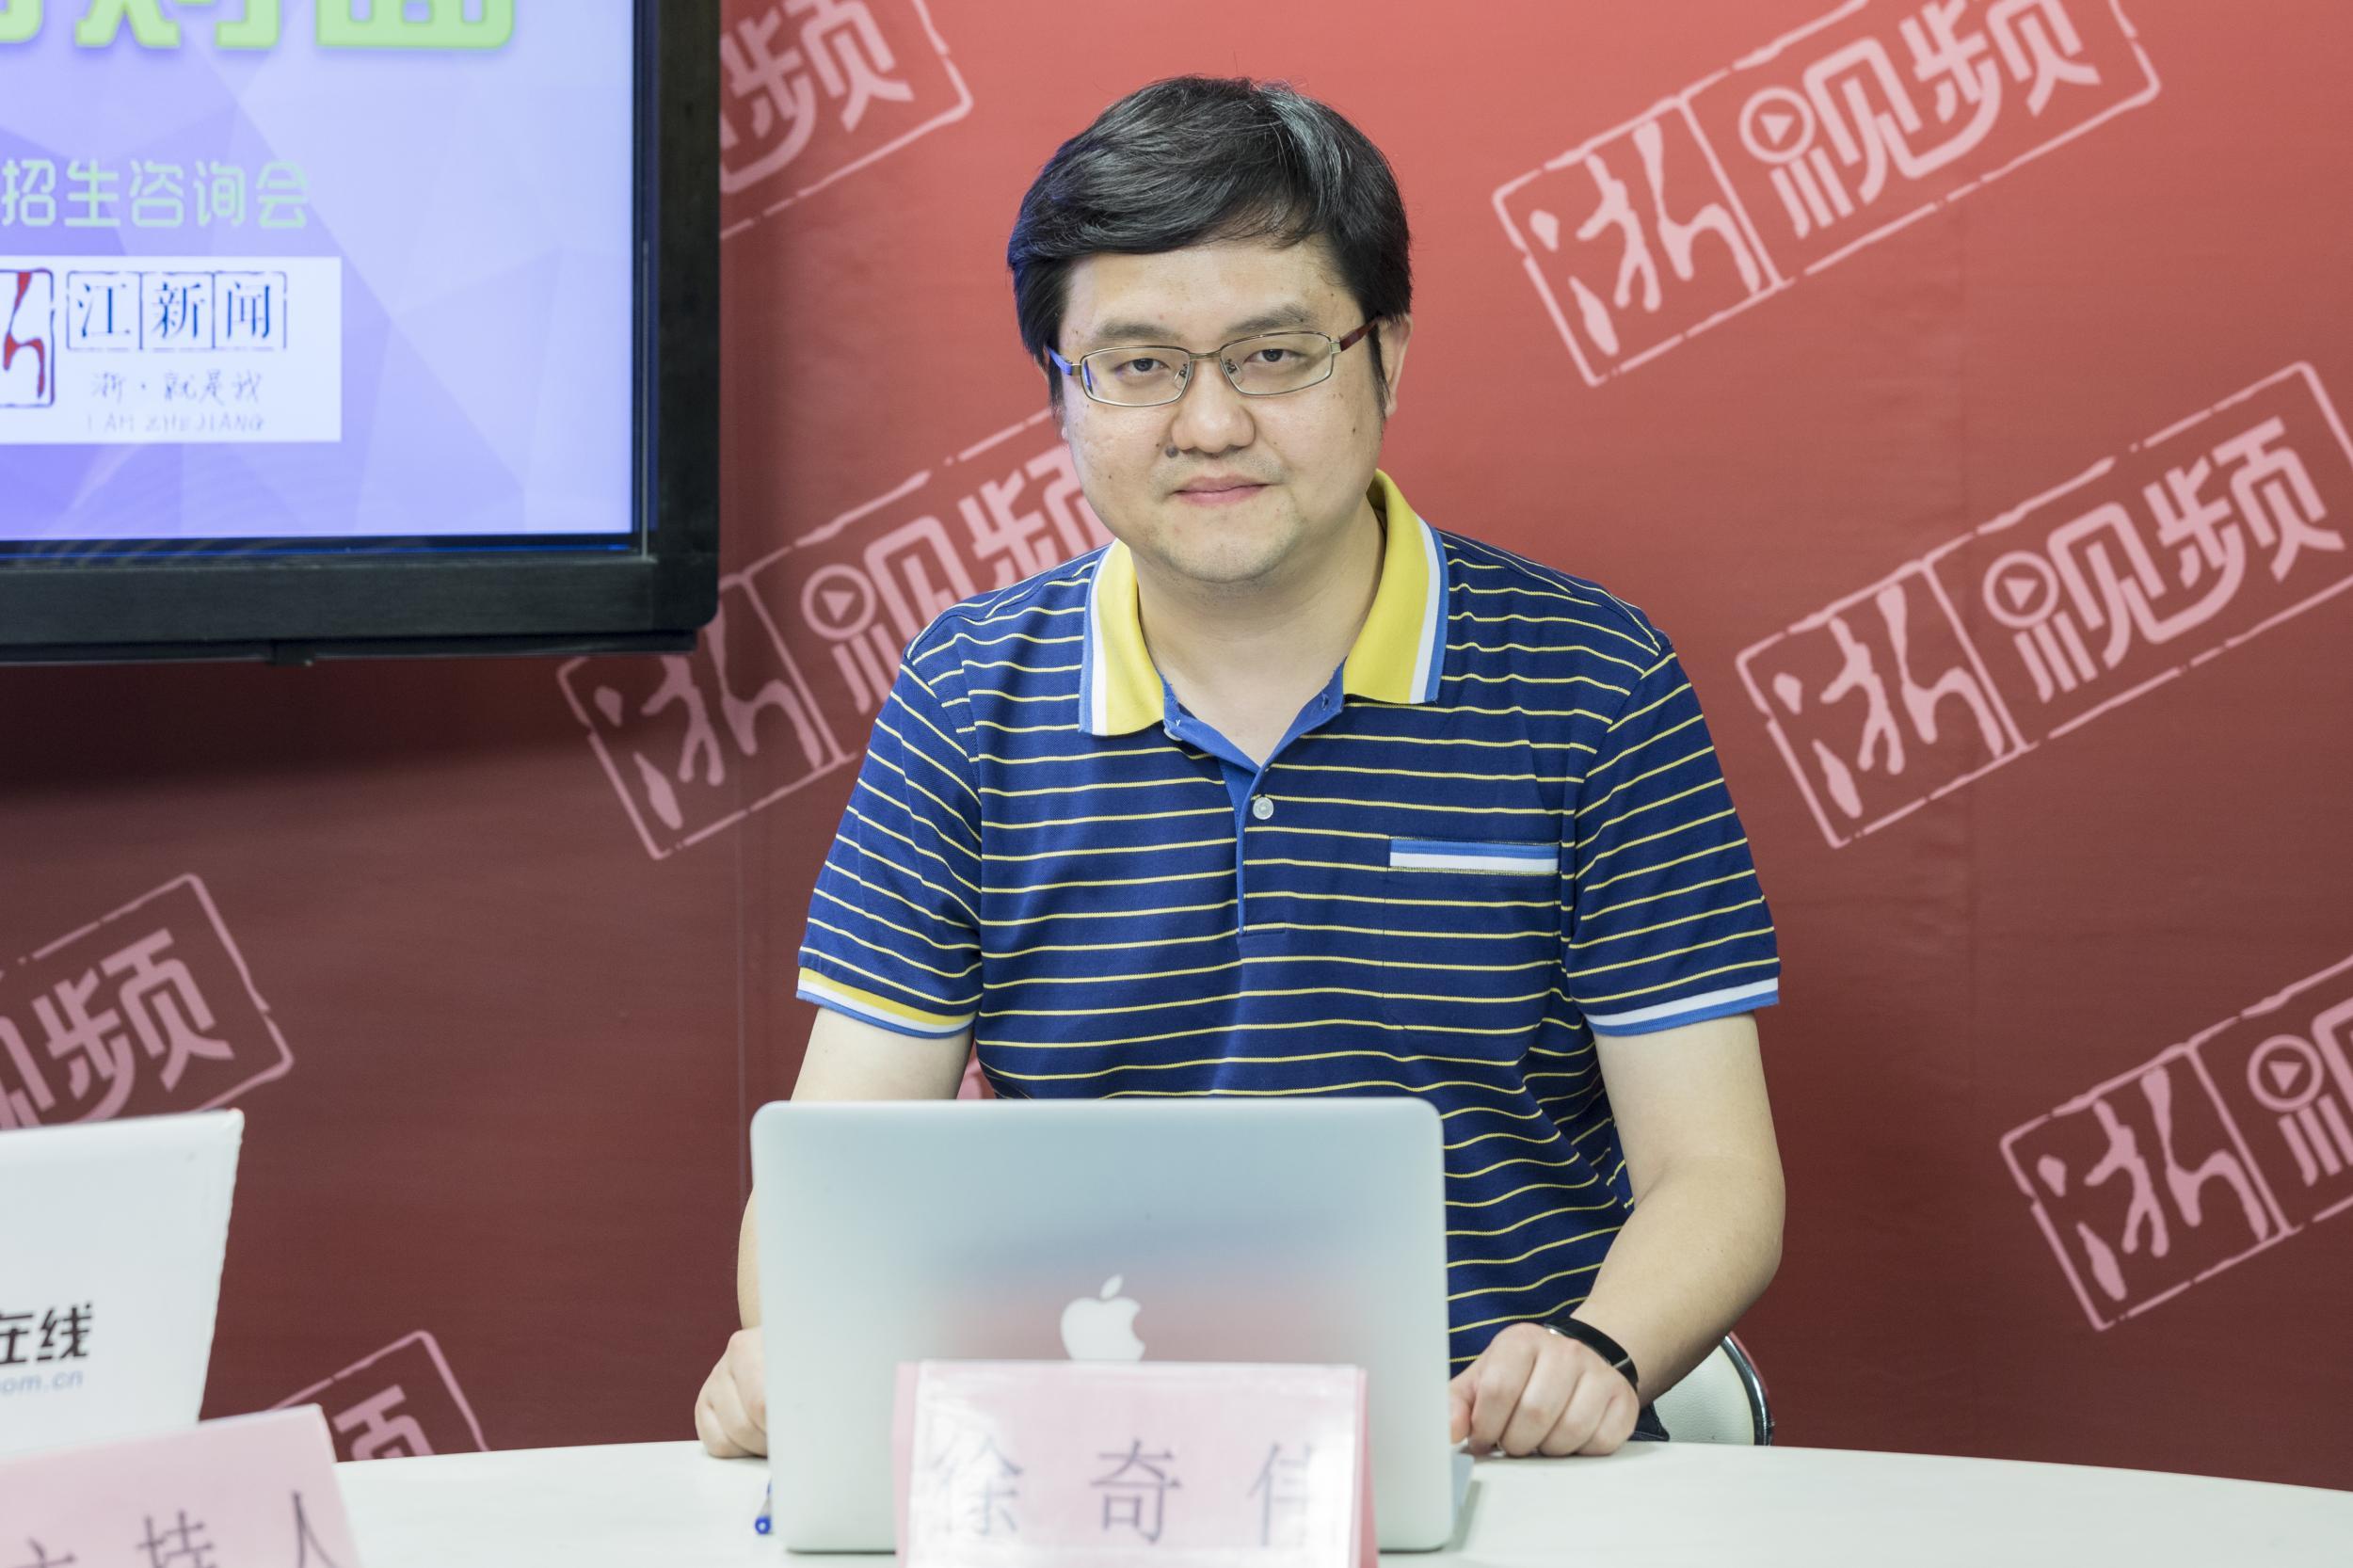 浙财大:2017新增省内首个数据科学与大数据技术专业